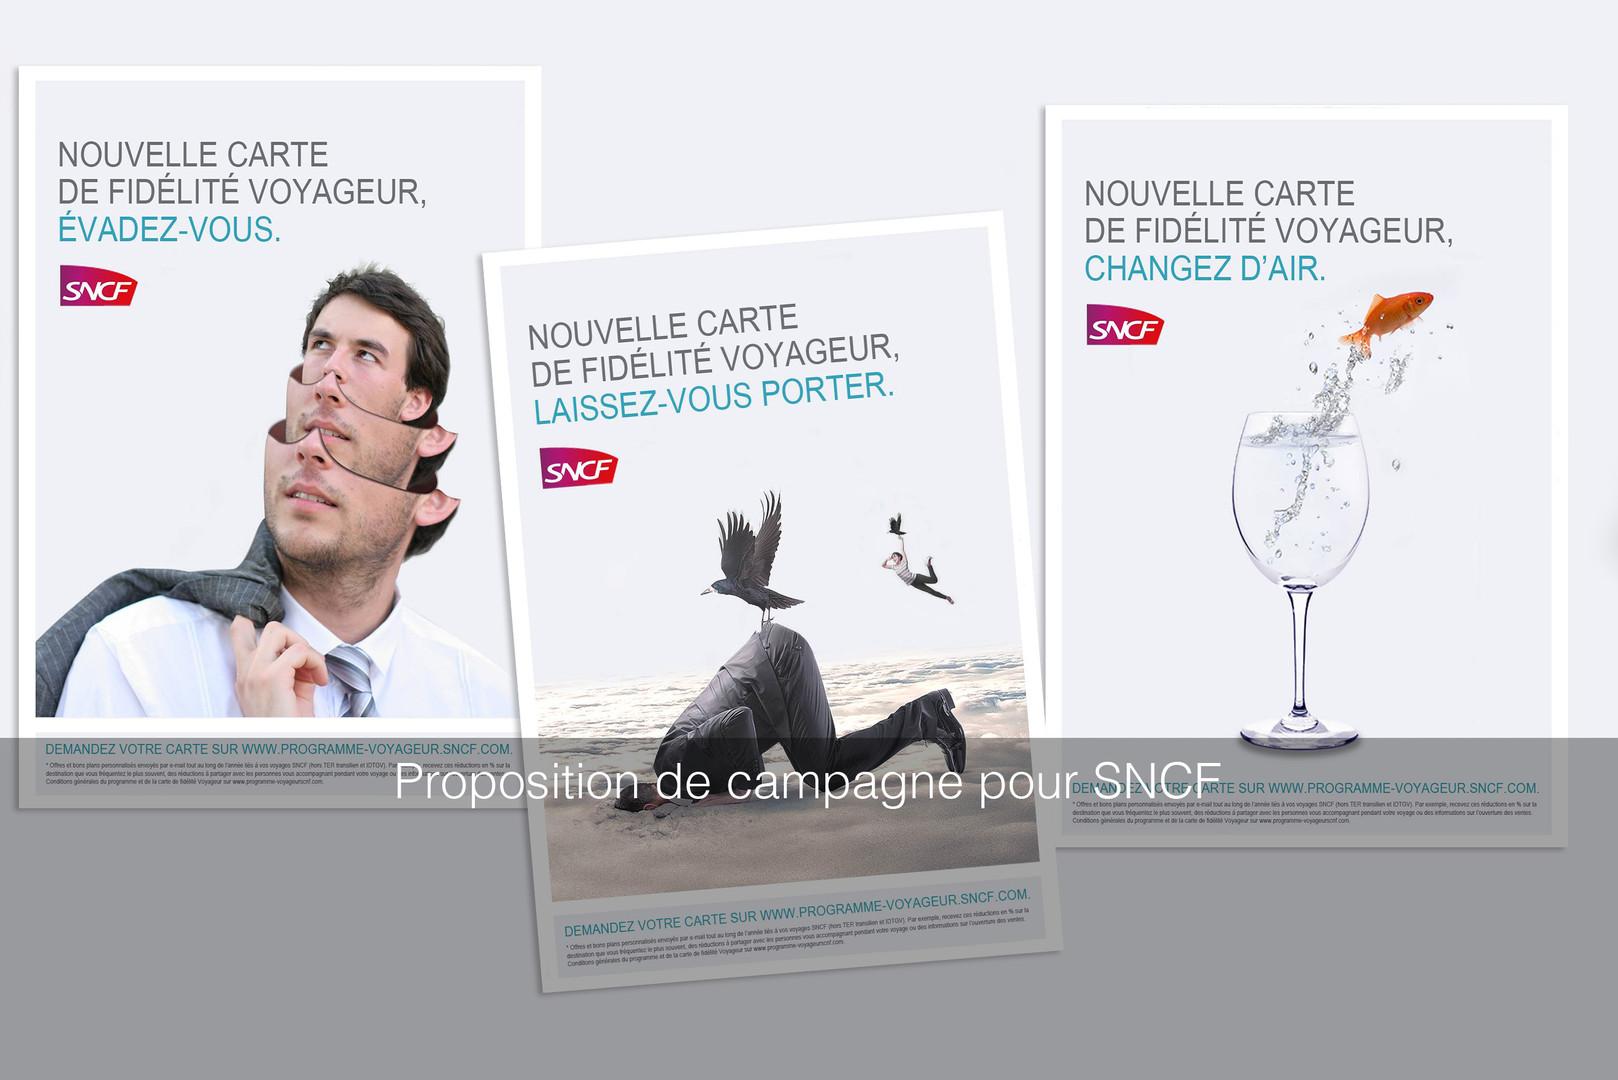 Campagne publicitaire pour SNCF.jpg